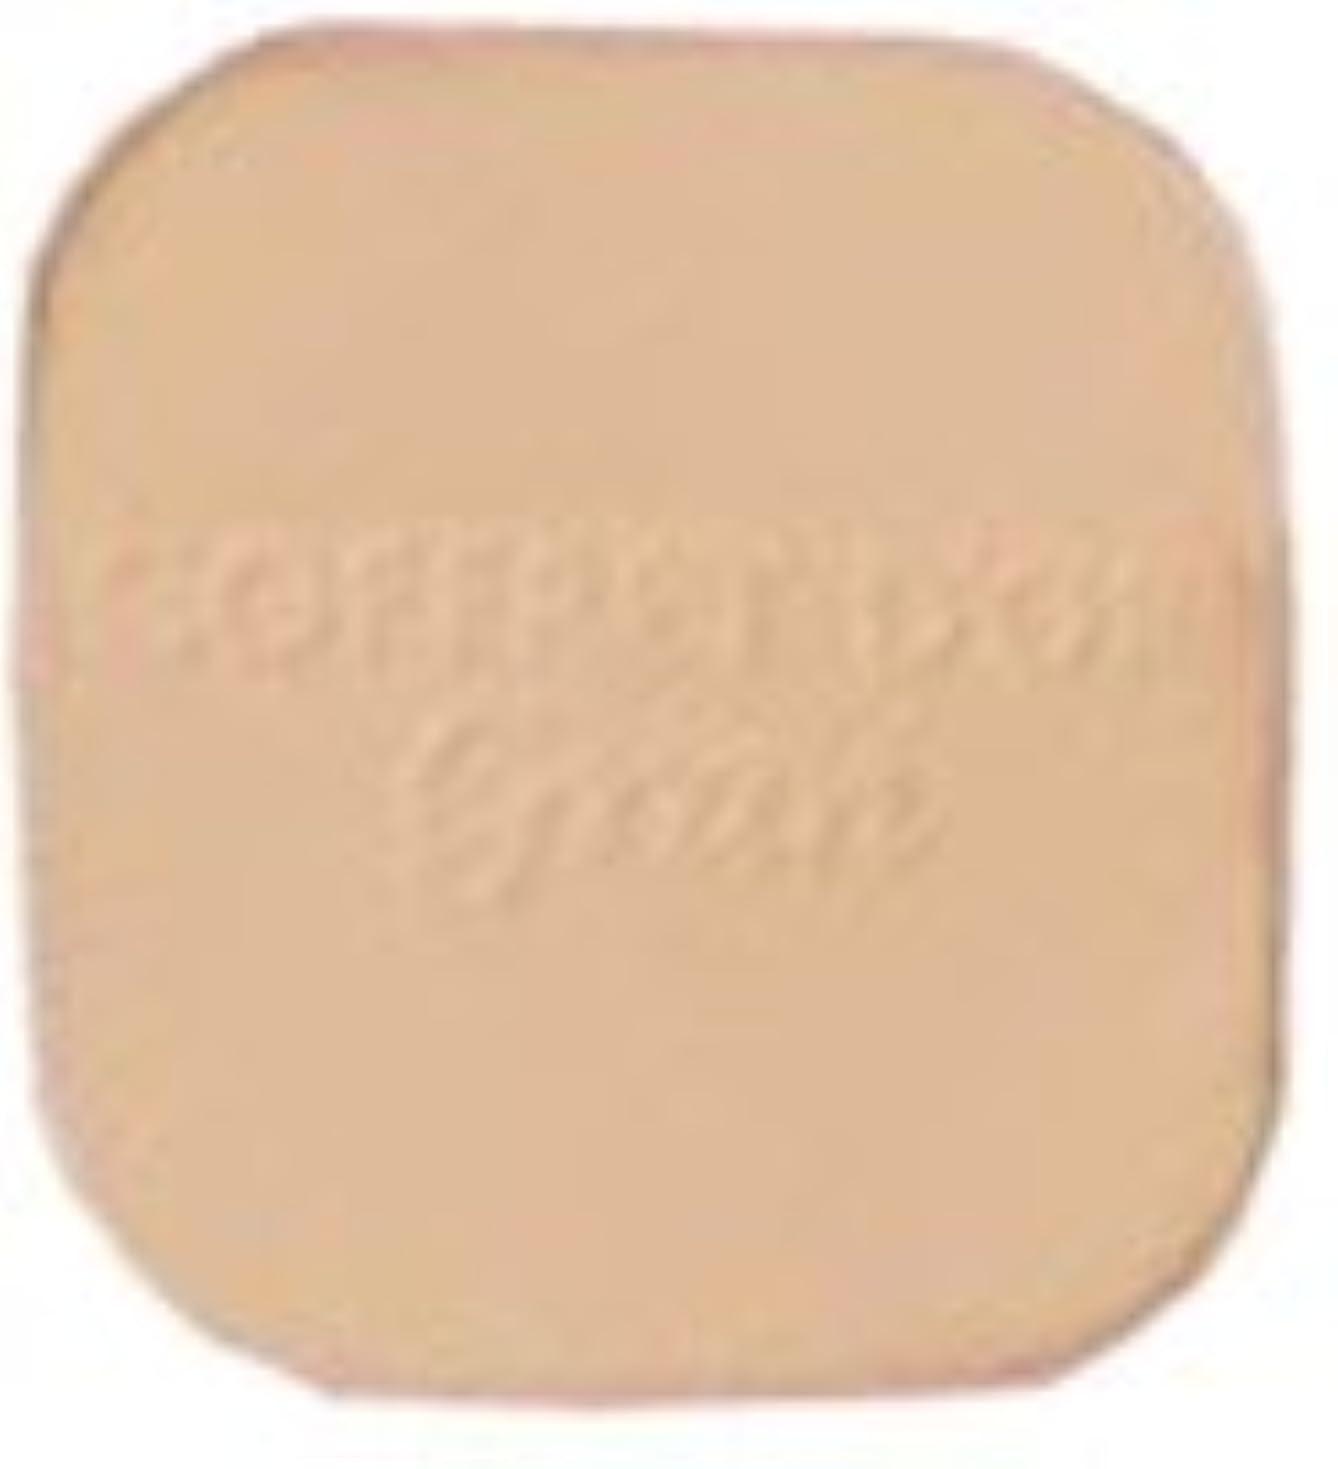 ホテル器官ベンチカネボウ(Kanebo) コフレドールグランカバーフィットパクトUVII《10.5g》<カラー:ソフトオークルC>